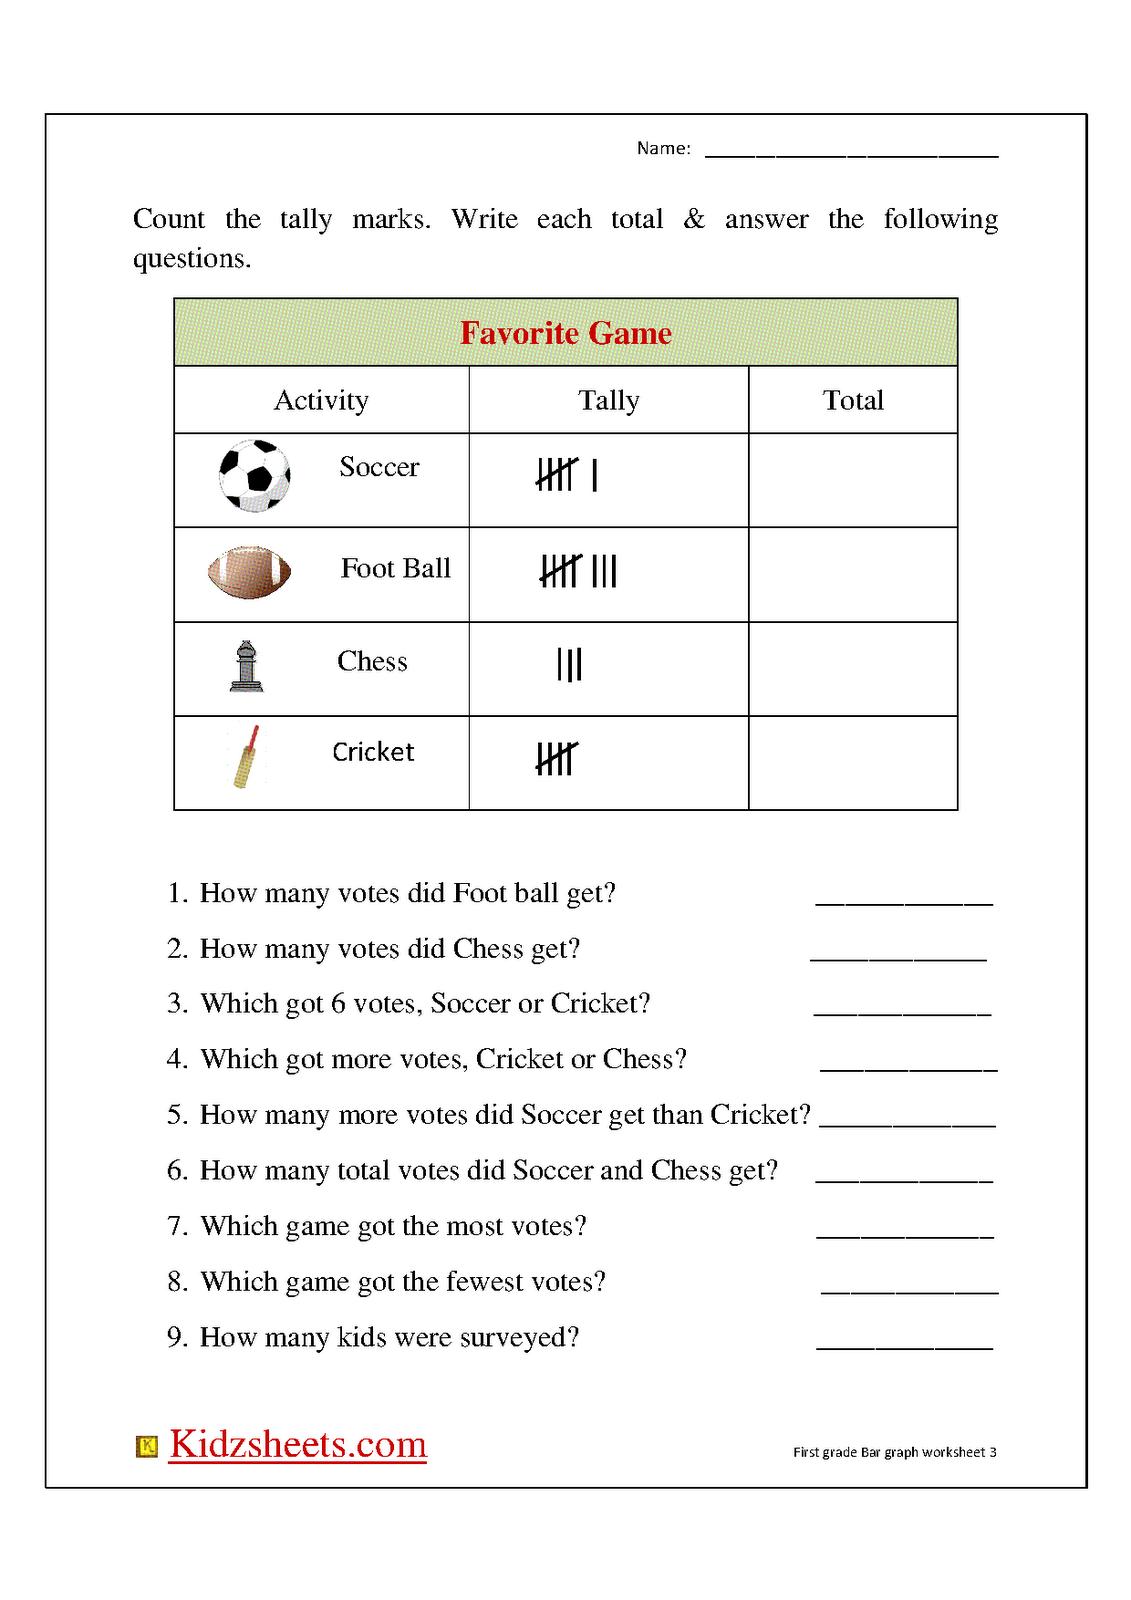 medium resolution of Kidz Worksheets: First Grade Bar Graph3